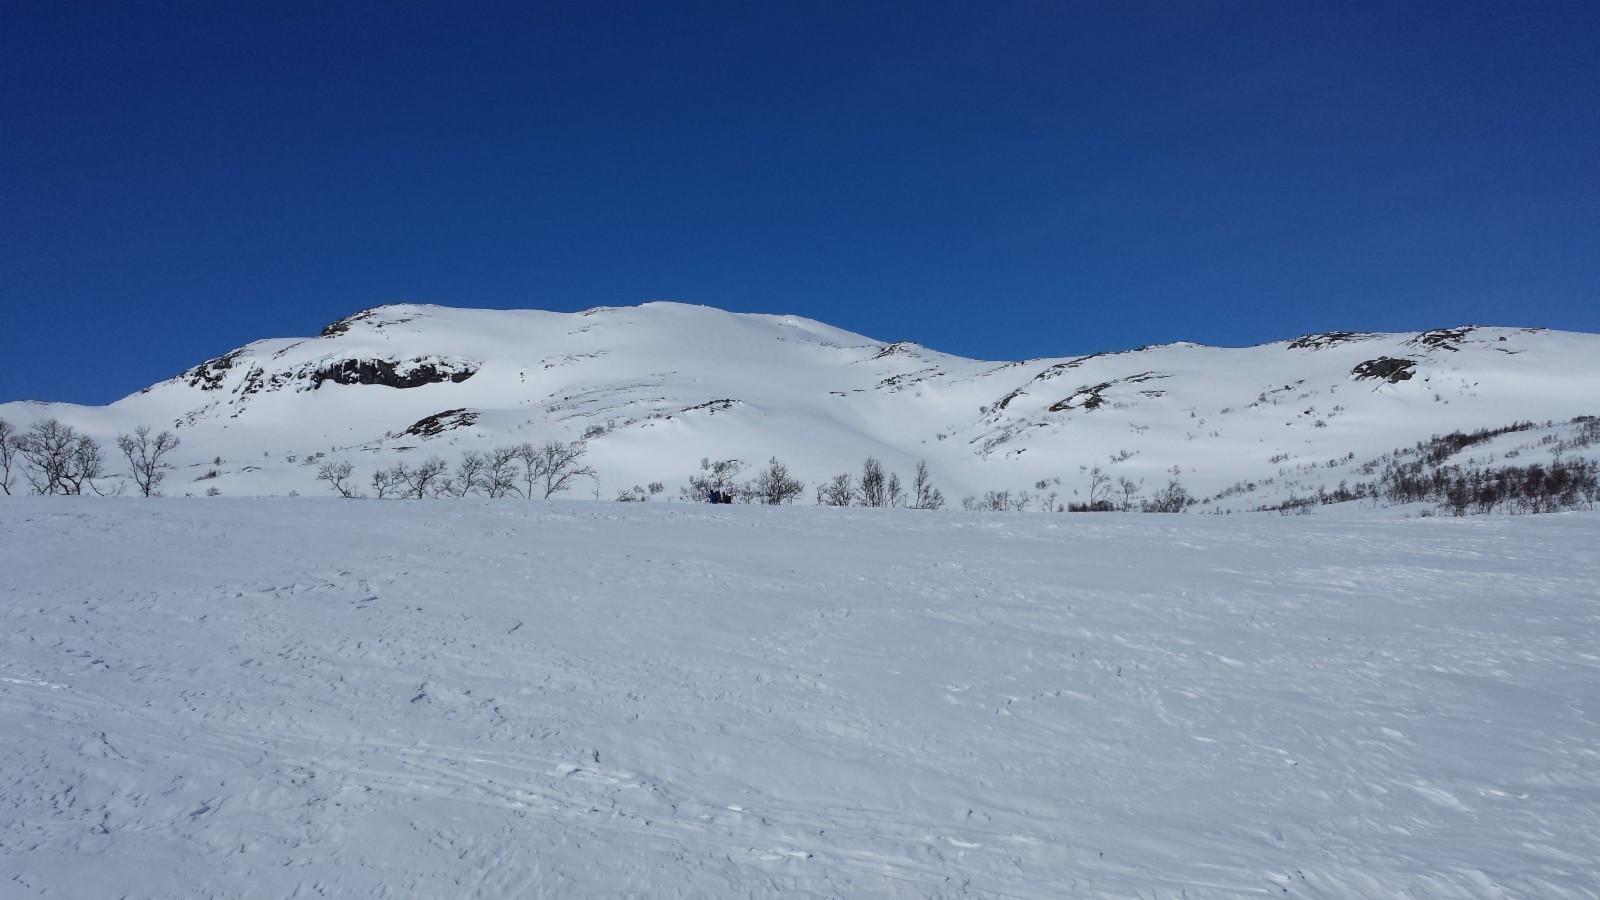 Tomtene har en fantastisk beliggenhet  - Utsikten er fin, og de oppkjørte skiløypene går rett forbi feltet.